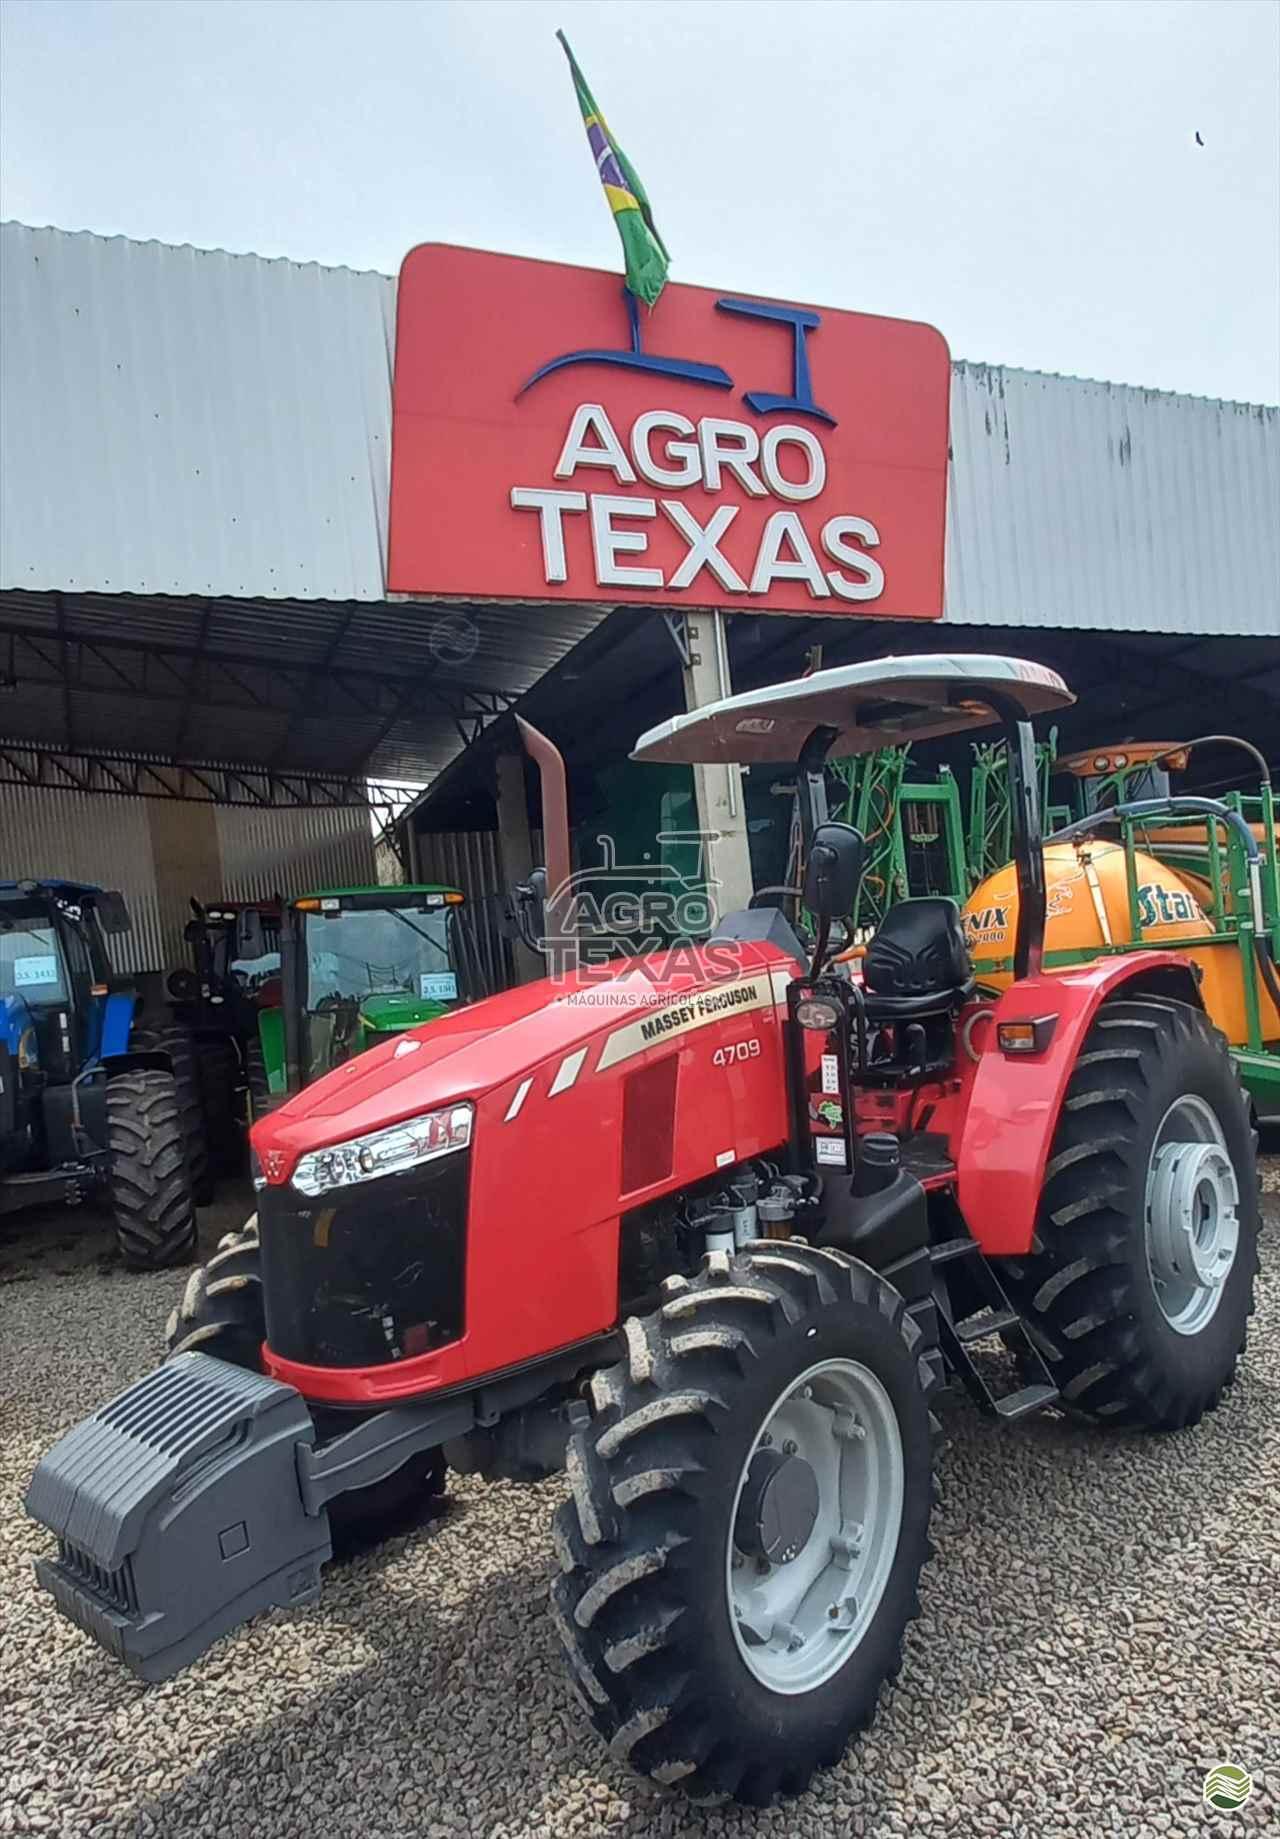 TRATOR MASSEY FERGUSON MF 4709 Tração 4x4 Agro Texas Máquinas Agrícolas VITORINO PARANÁ PR